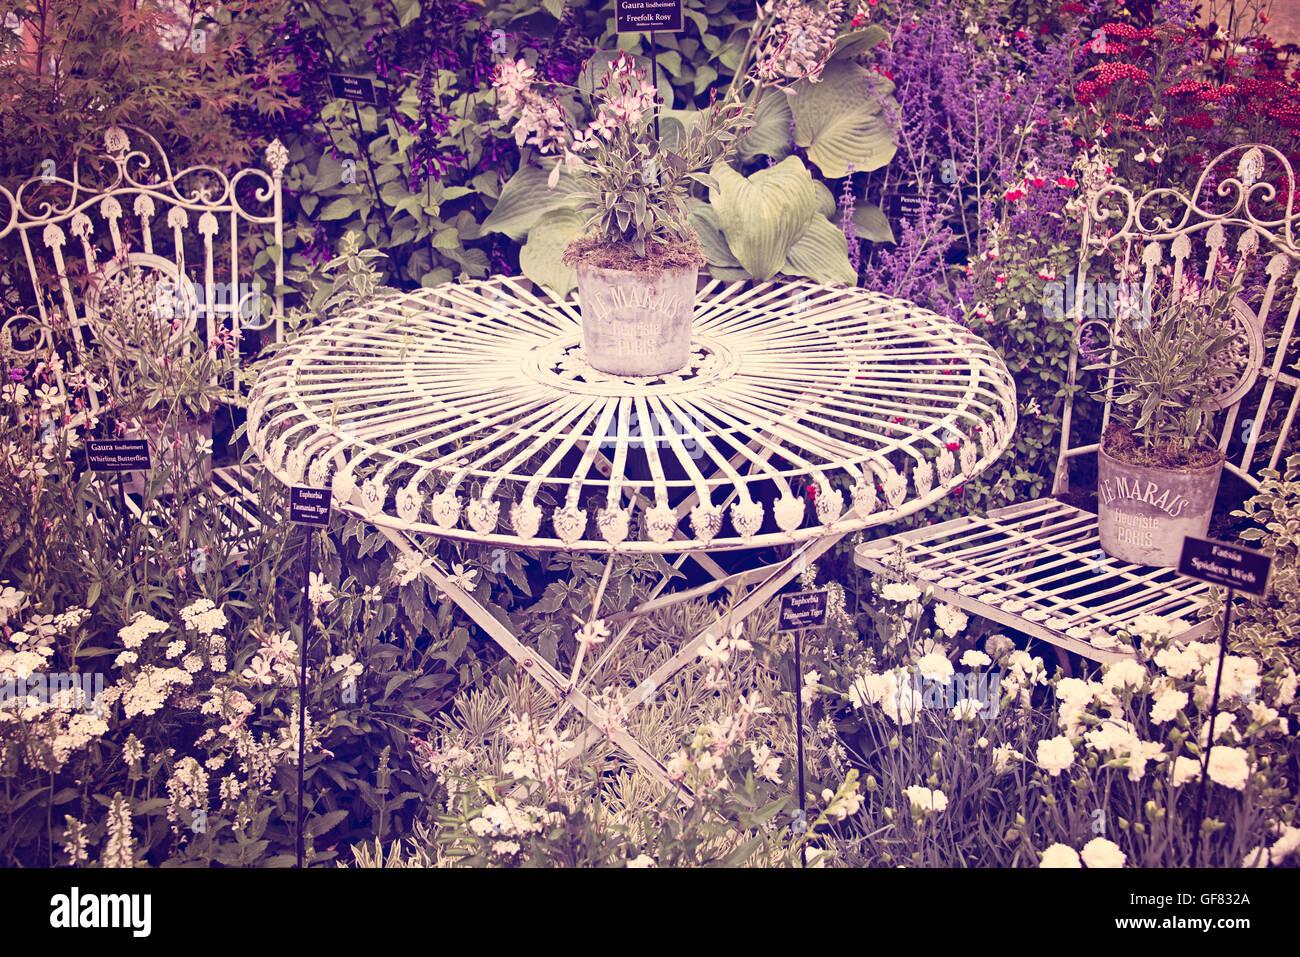 Shabby chic vintage metal mobilier de jardin table et ...